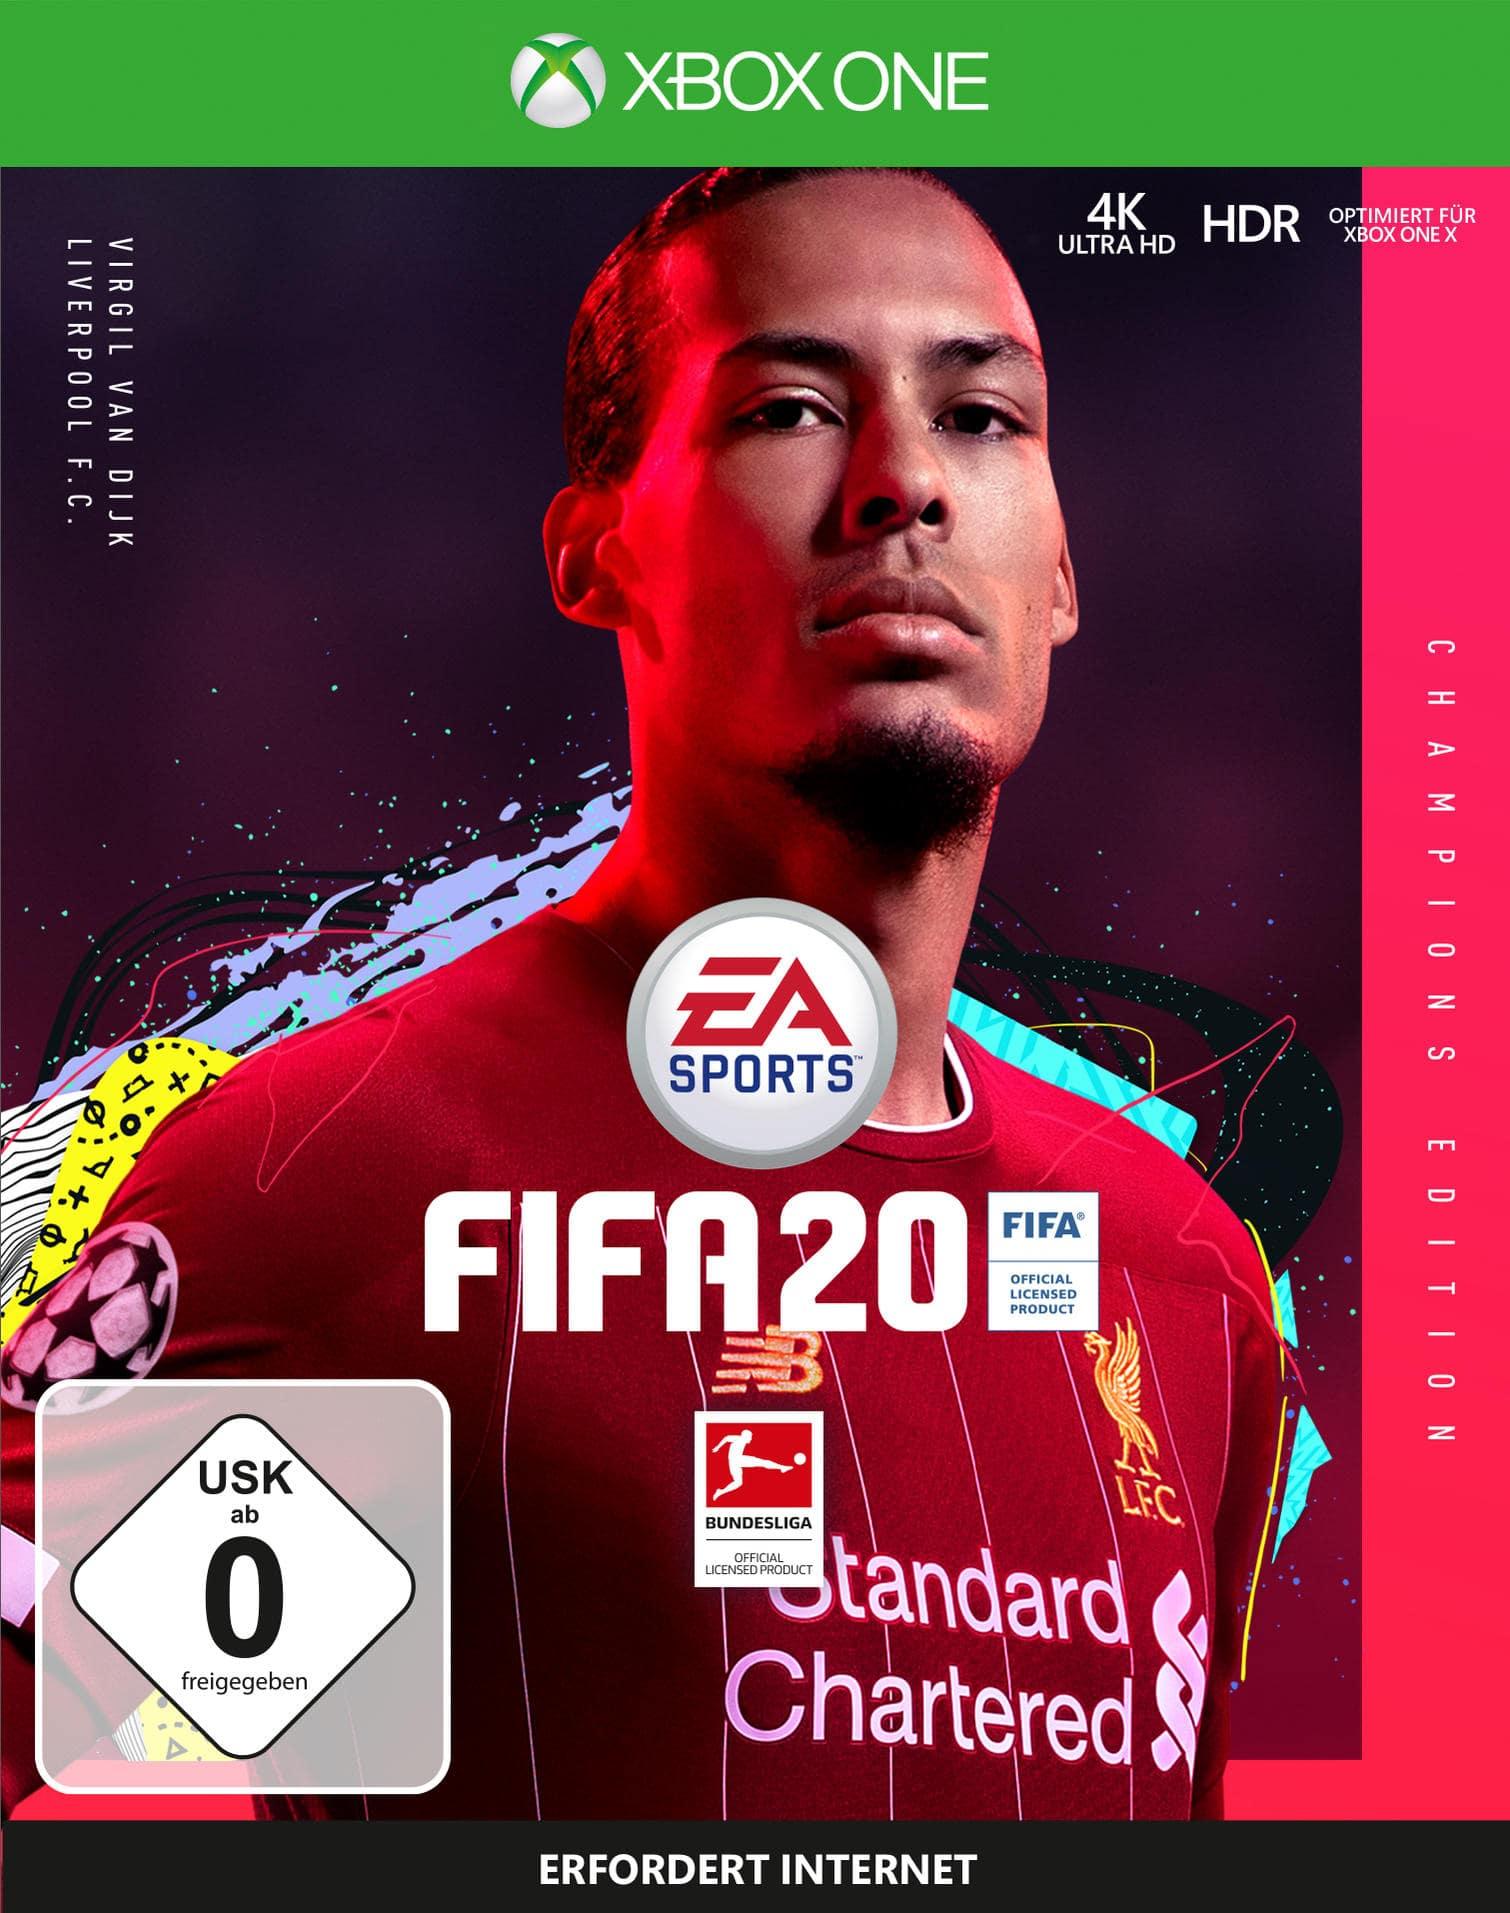 FIFA 20 - Champions Edition (Xbox One) für 89,99 Euro